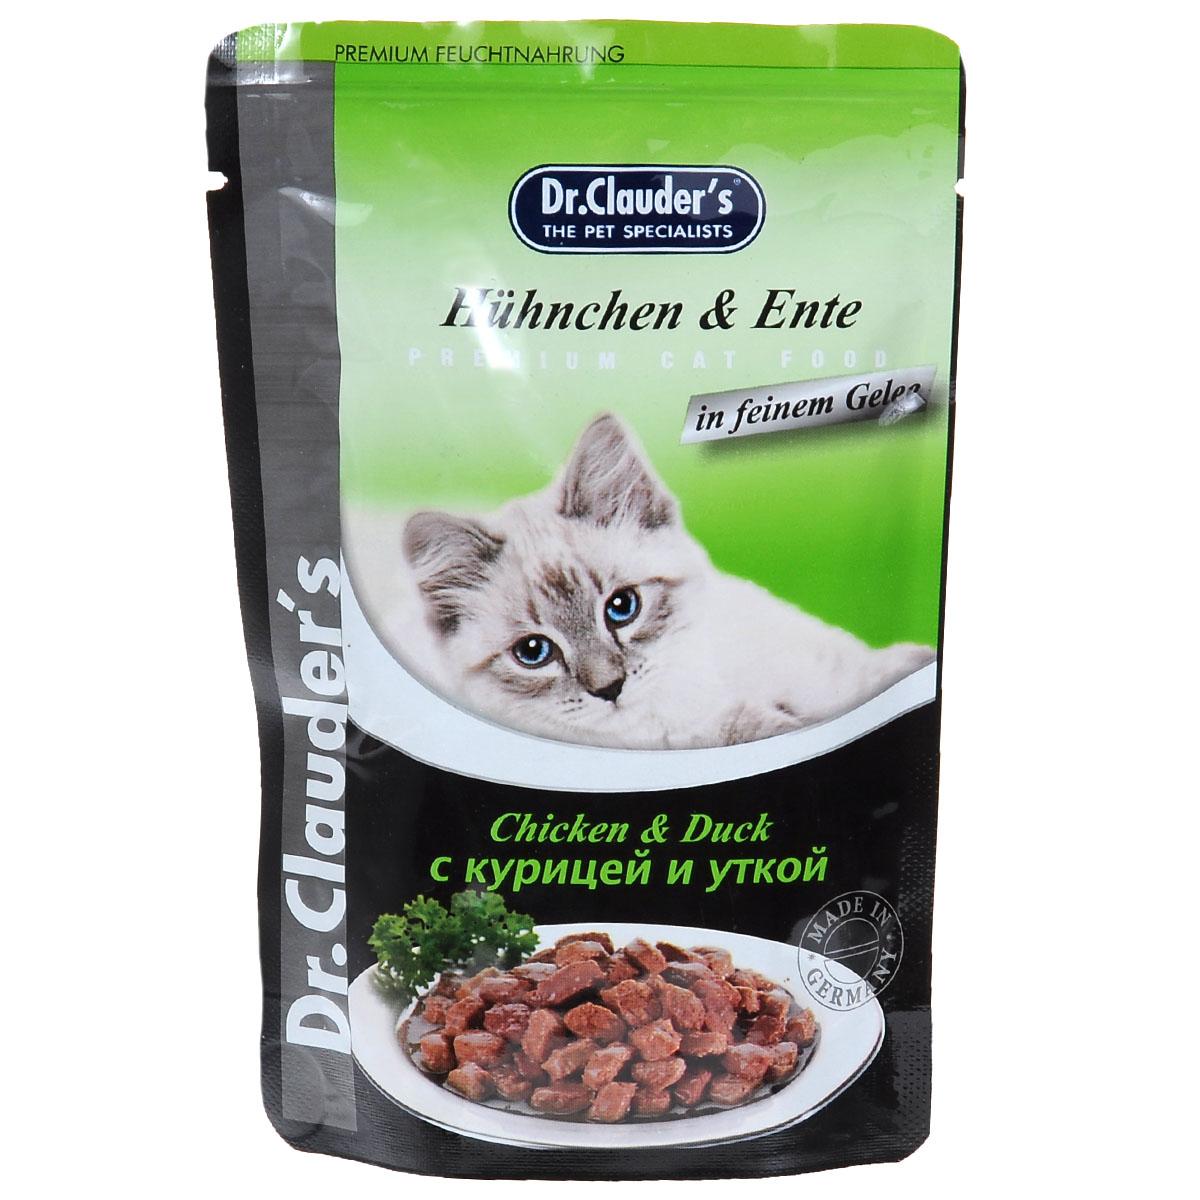 Консервы для кошек Dr. Clauders, мясные кусочки в соусе с курицей и уткой, 100 г14153Консервы для кошек Dr. Clauders с курицей и уткой - лишь один продукт из линейки влажных кормов для кошек. Консервированное блюдо, состоящее из мяса птицы, субпродуктов и круп, определенно понравится вашей любимице. Его нежная консистенция, тонкий аромат, вкусовые характеристики не оставили равнодушными уже тысячи российских мурлык. В этих консервах содержится огромное количество компонентов, которые благотворно влияют на организм вашей питомицы - витамины, минералы и биологически активные вещества. После регулярного употребления кормов от Dr. Clauders ваша кошка будет радовать вас отменным здоровьем, шикарным внешним видом и отличным настроением. Состав: мясо и мясные продукты (курица мин. 5%, утка мин. 5%), злаки, минералы, инулин (0,1%). Питательные вещества: влажность 82%, протеин 7,5%, жир 4,5%, зола 2,5%, клетчатка 0,3%. Витамины на кг: D3 - 250 ME, витамин Е - 15 мг, медь - 1,0 мг, марганец - 1,0 мг, биотин - 20 мкг, цинк - 15 мг. Товар...